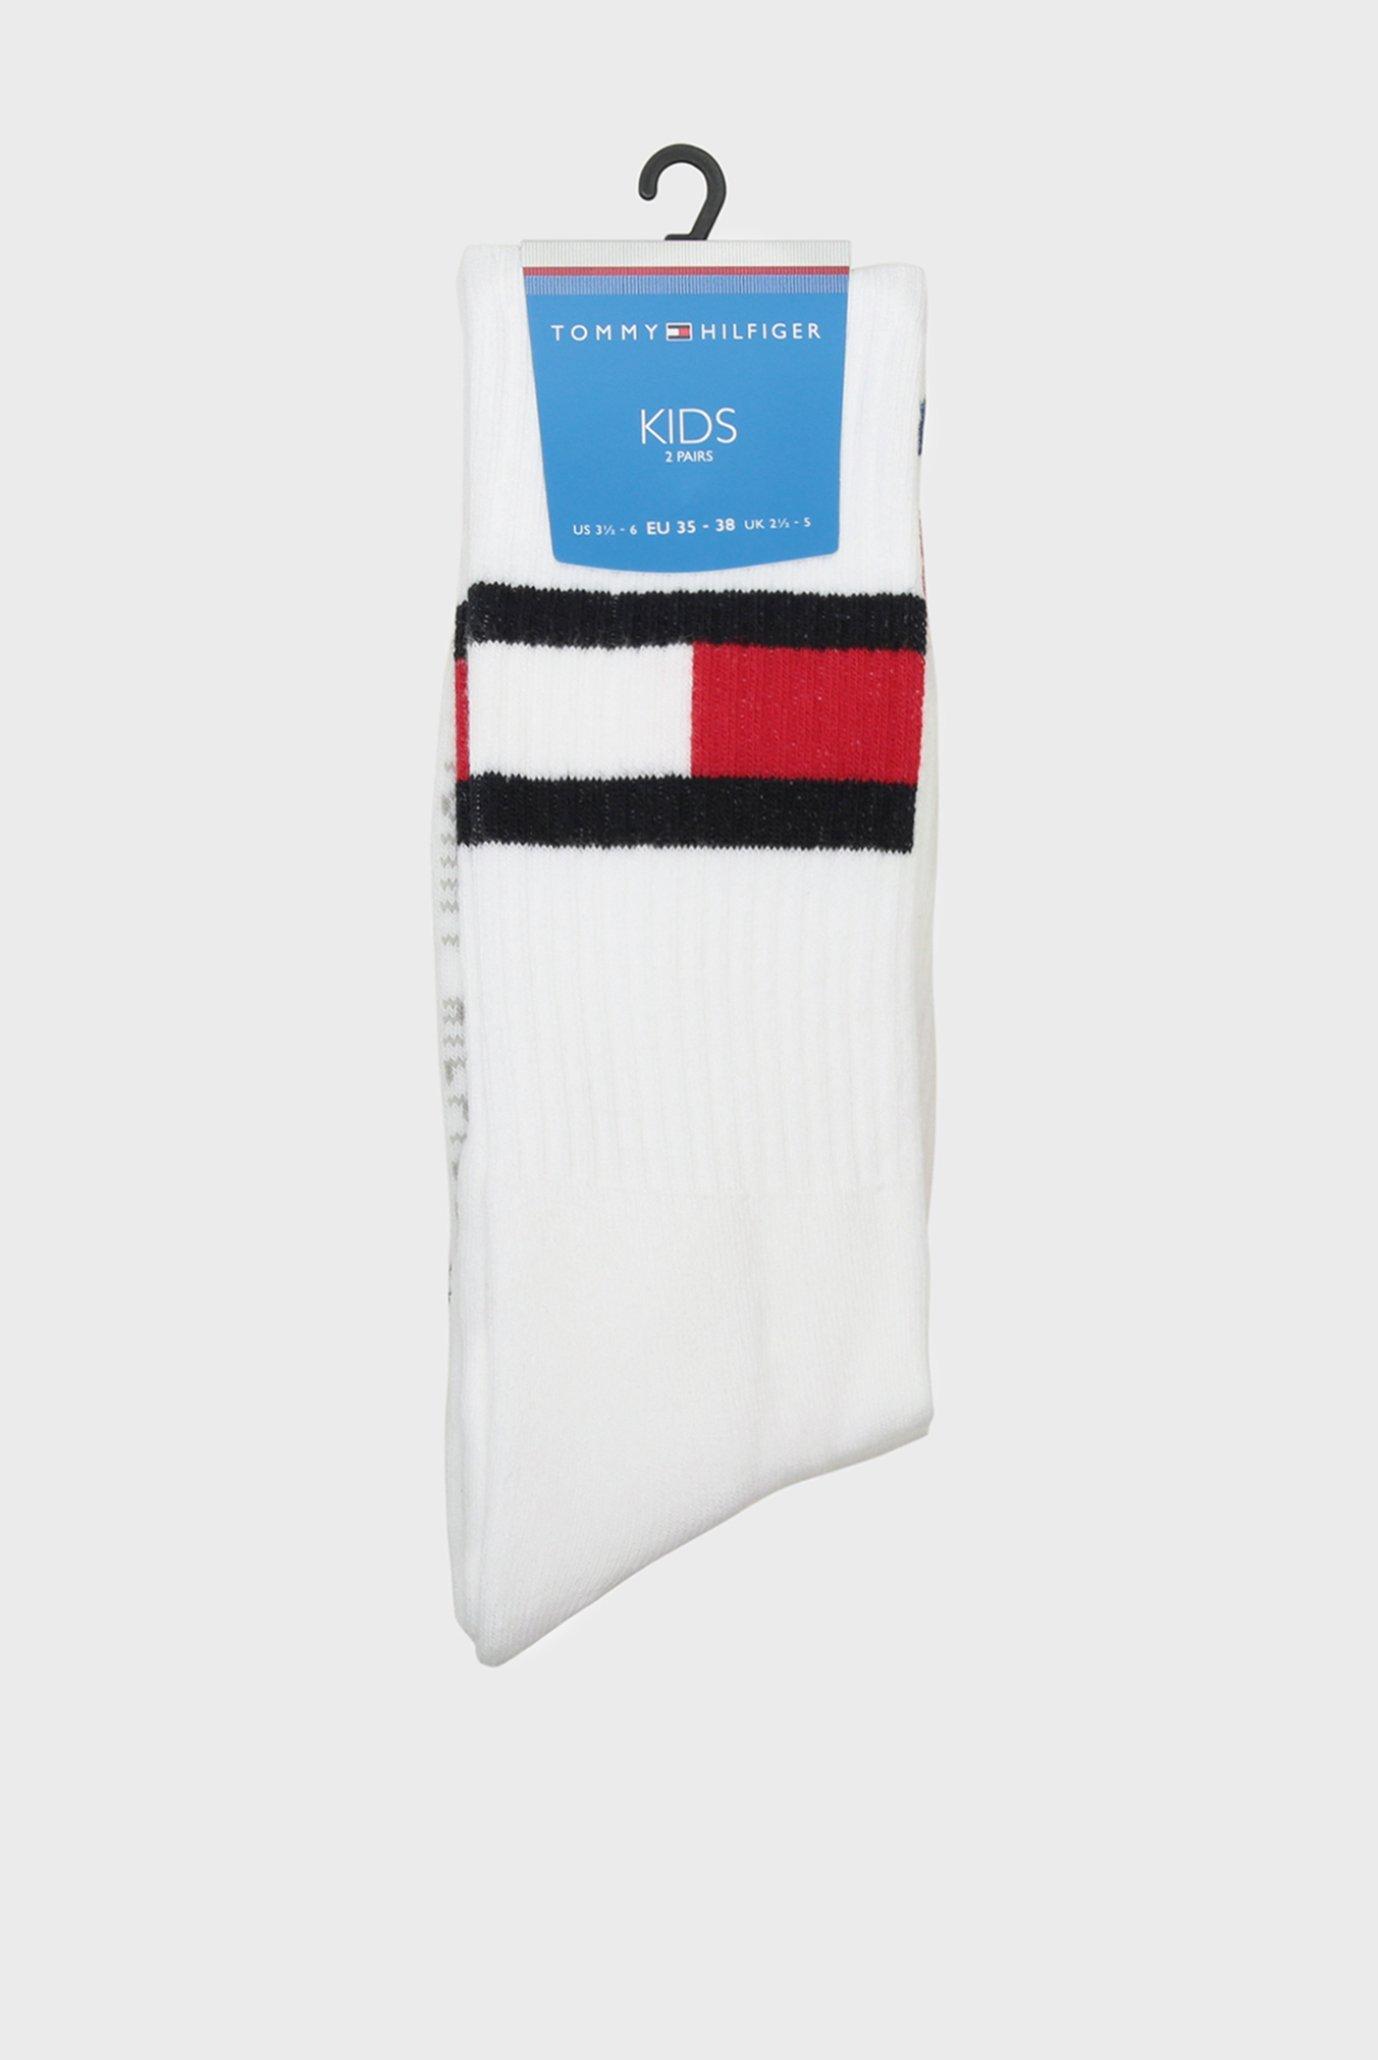 Дитячі білі шкарпетки (2 пари) Tommy Hilfiger